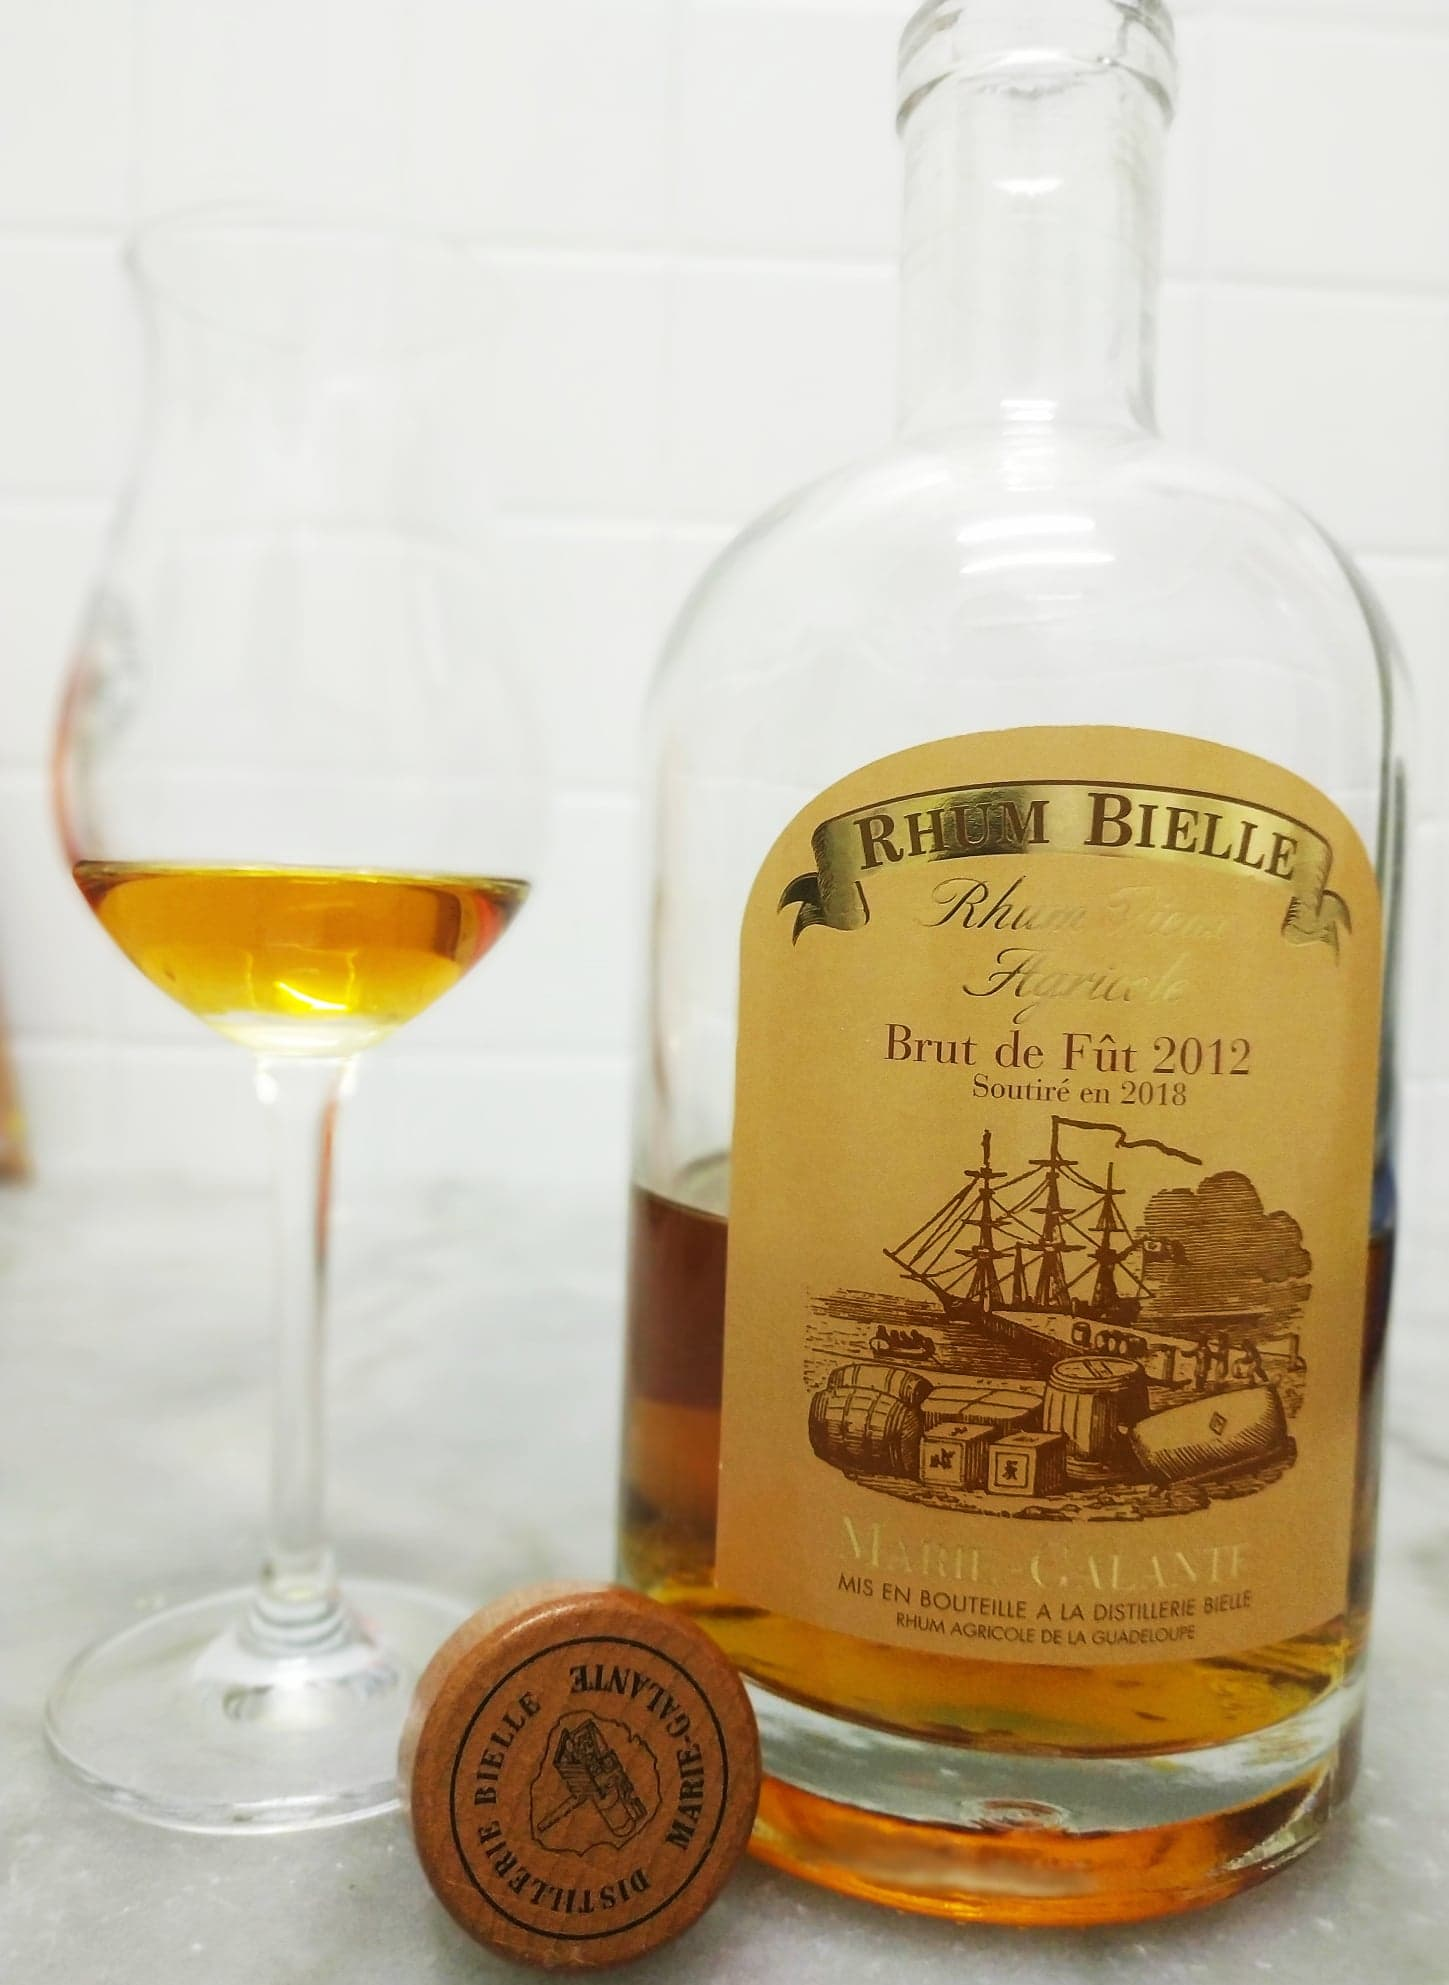 Bielle(s) 2012, le comparatif